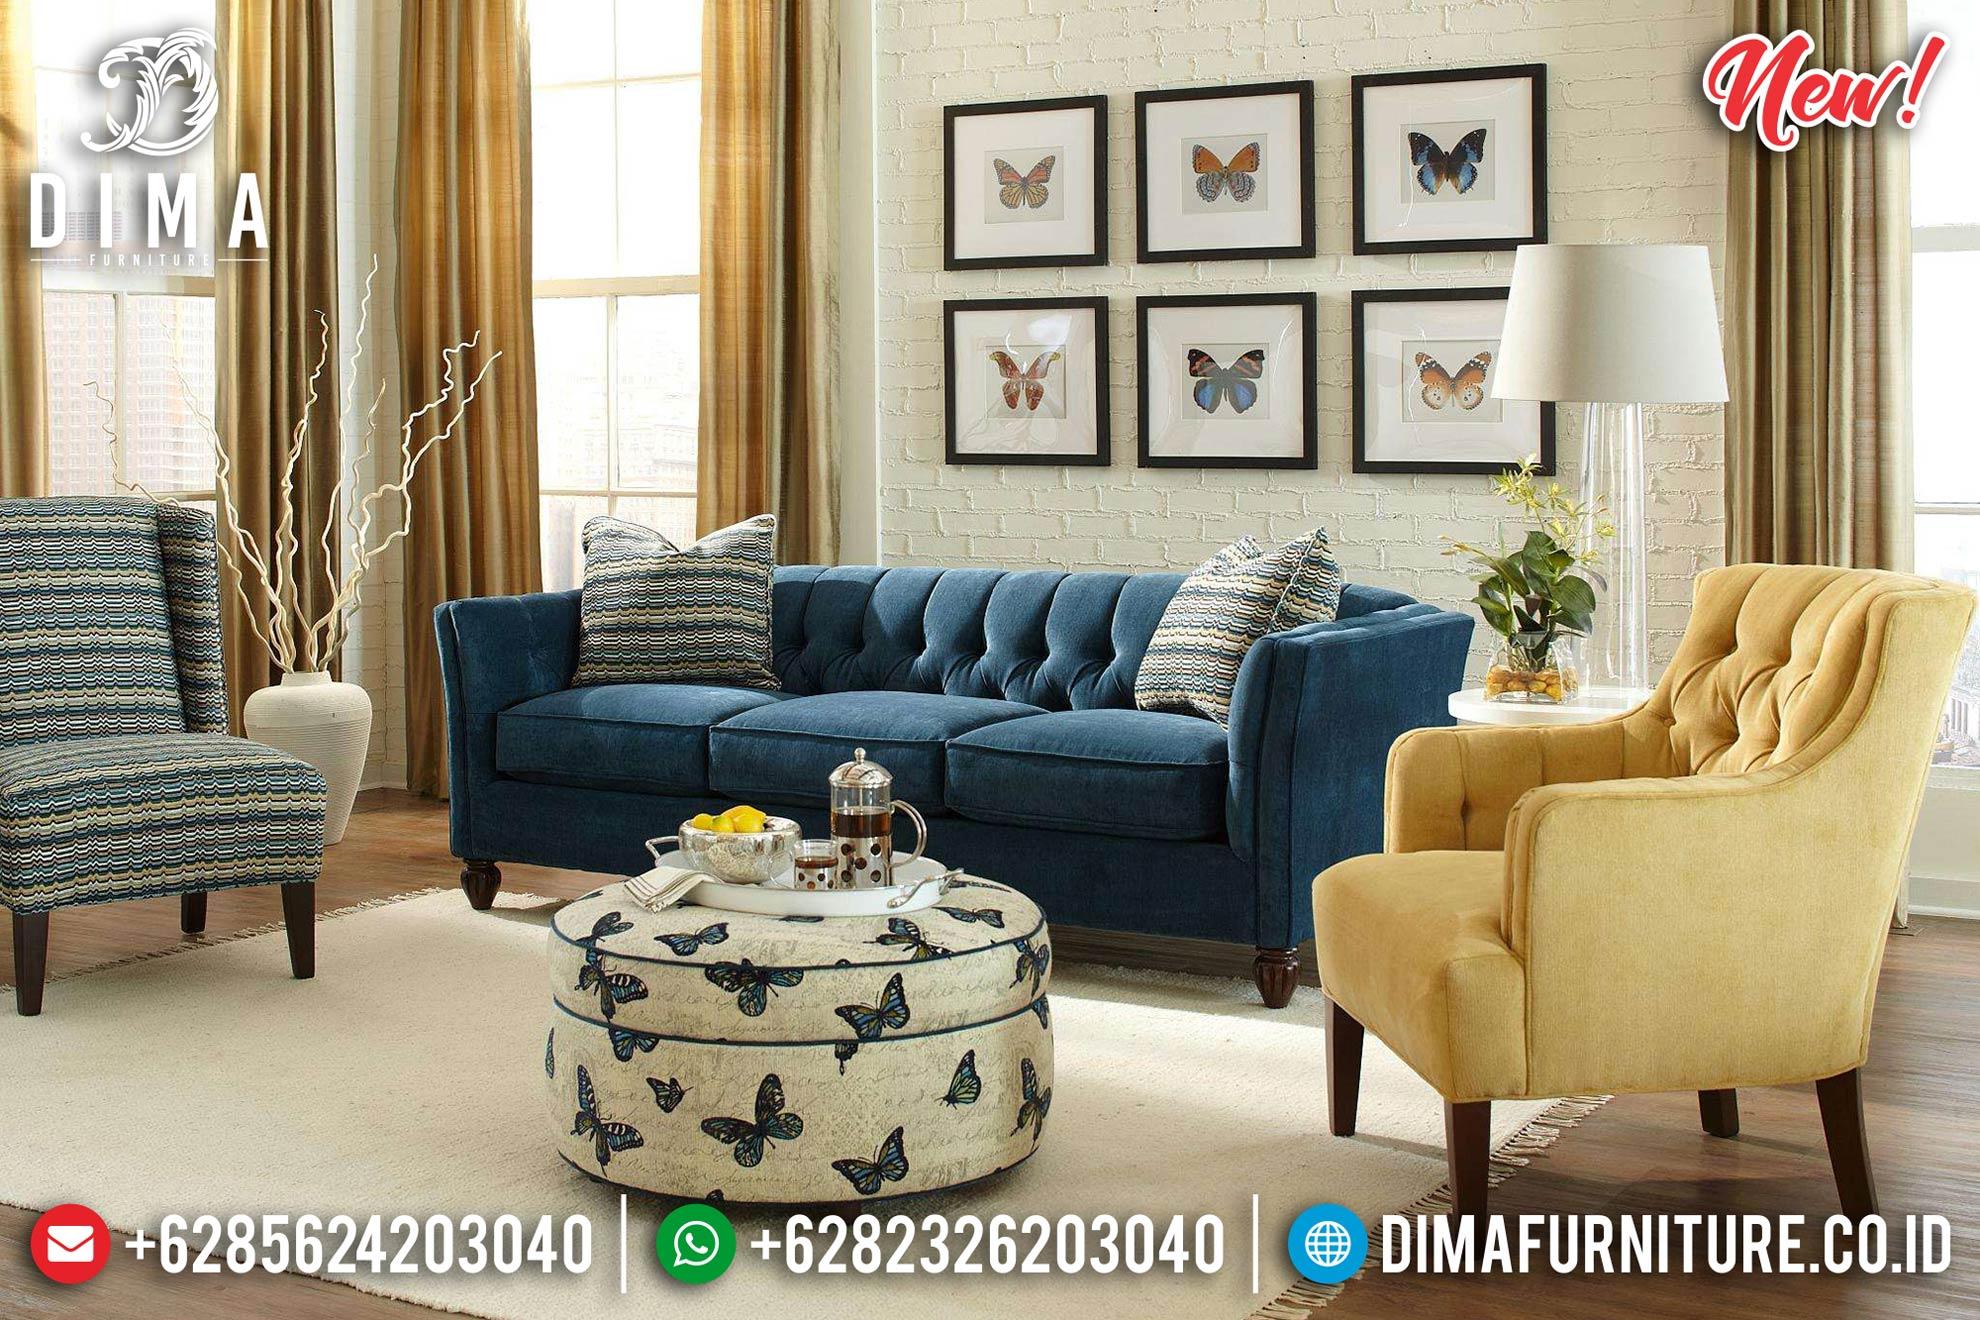 Kursi Sofa Tamu Minimalis Natural Jati Klasik Jepara Modern Design BT-0907